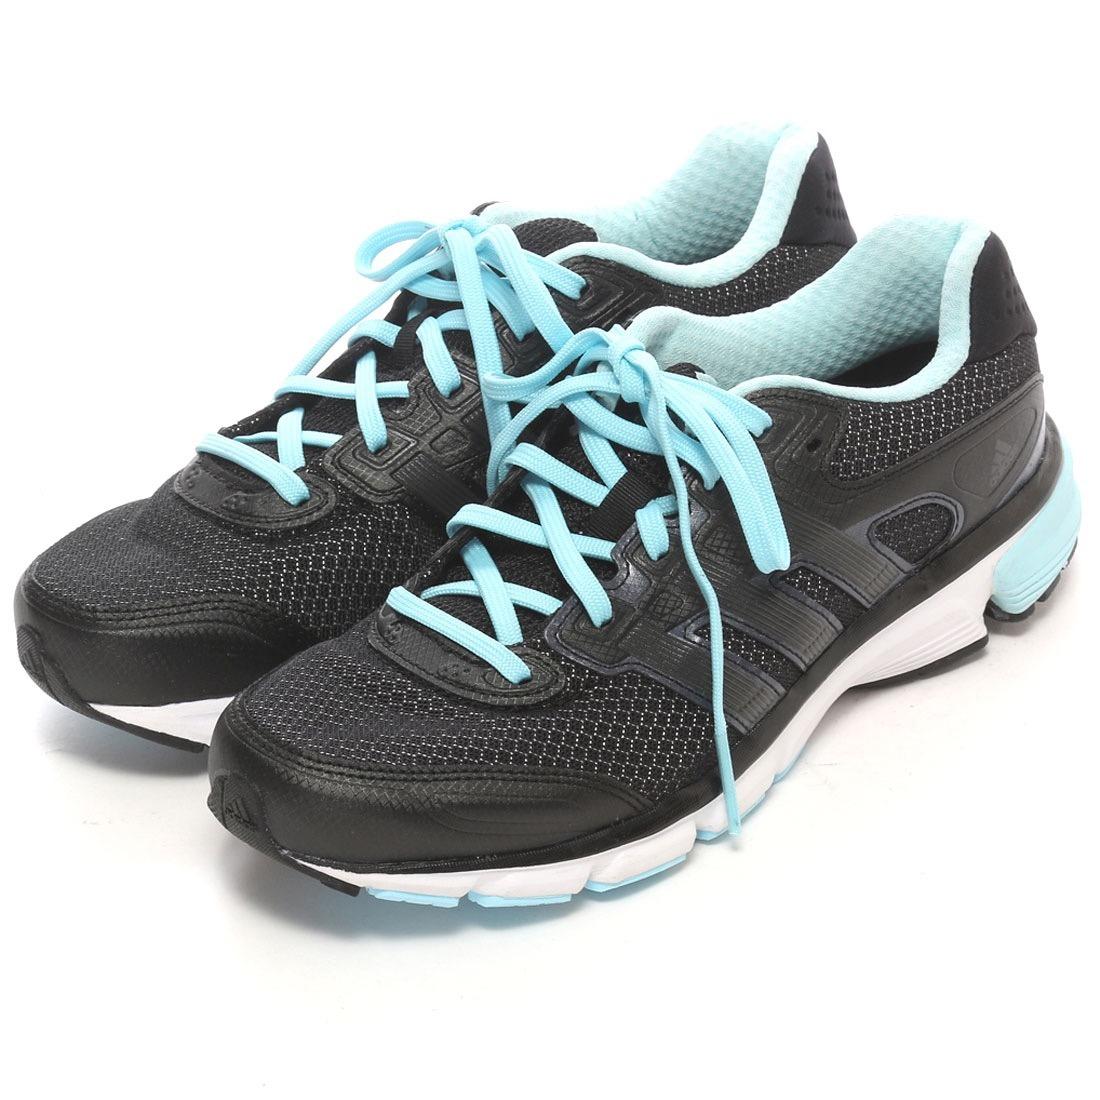 premium selection a409d ec389 zapatillas adidas nova cushion running. Cargando zoom.